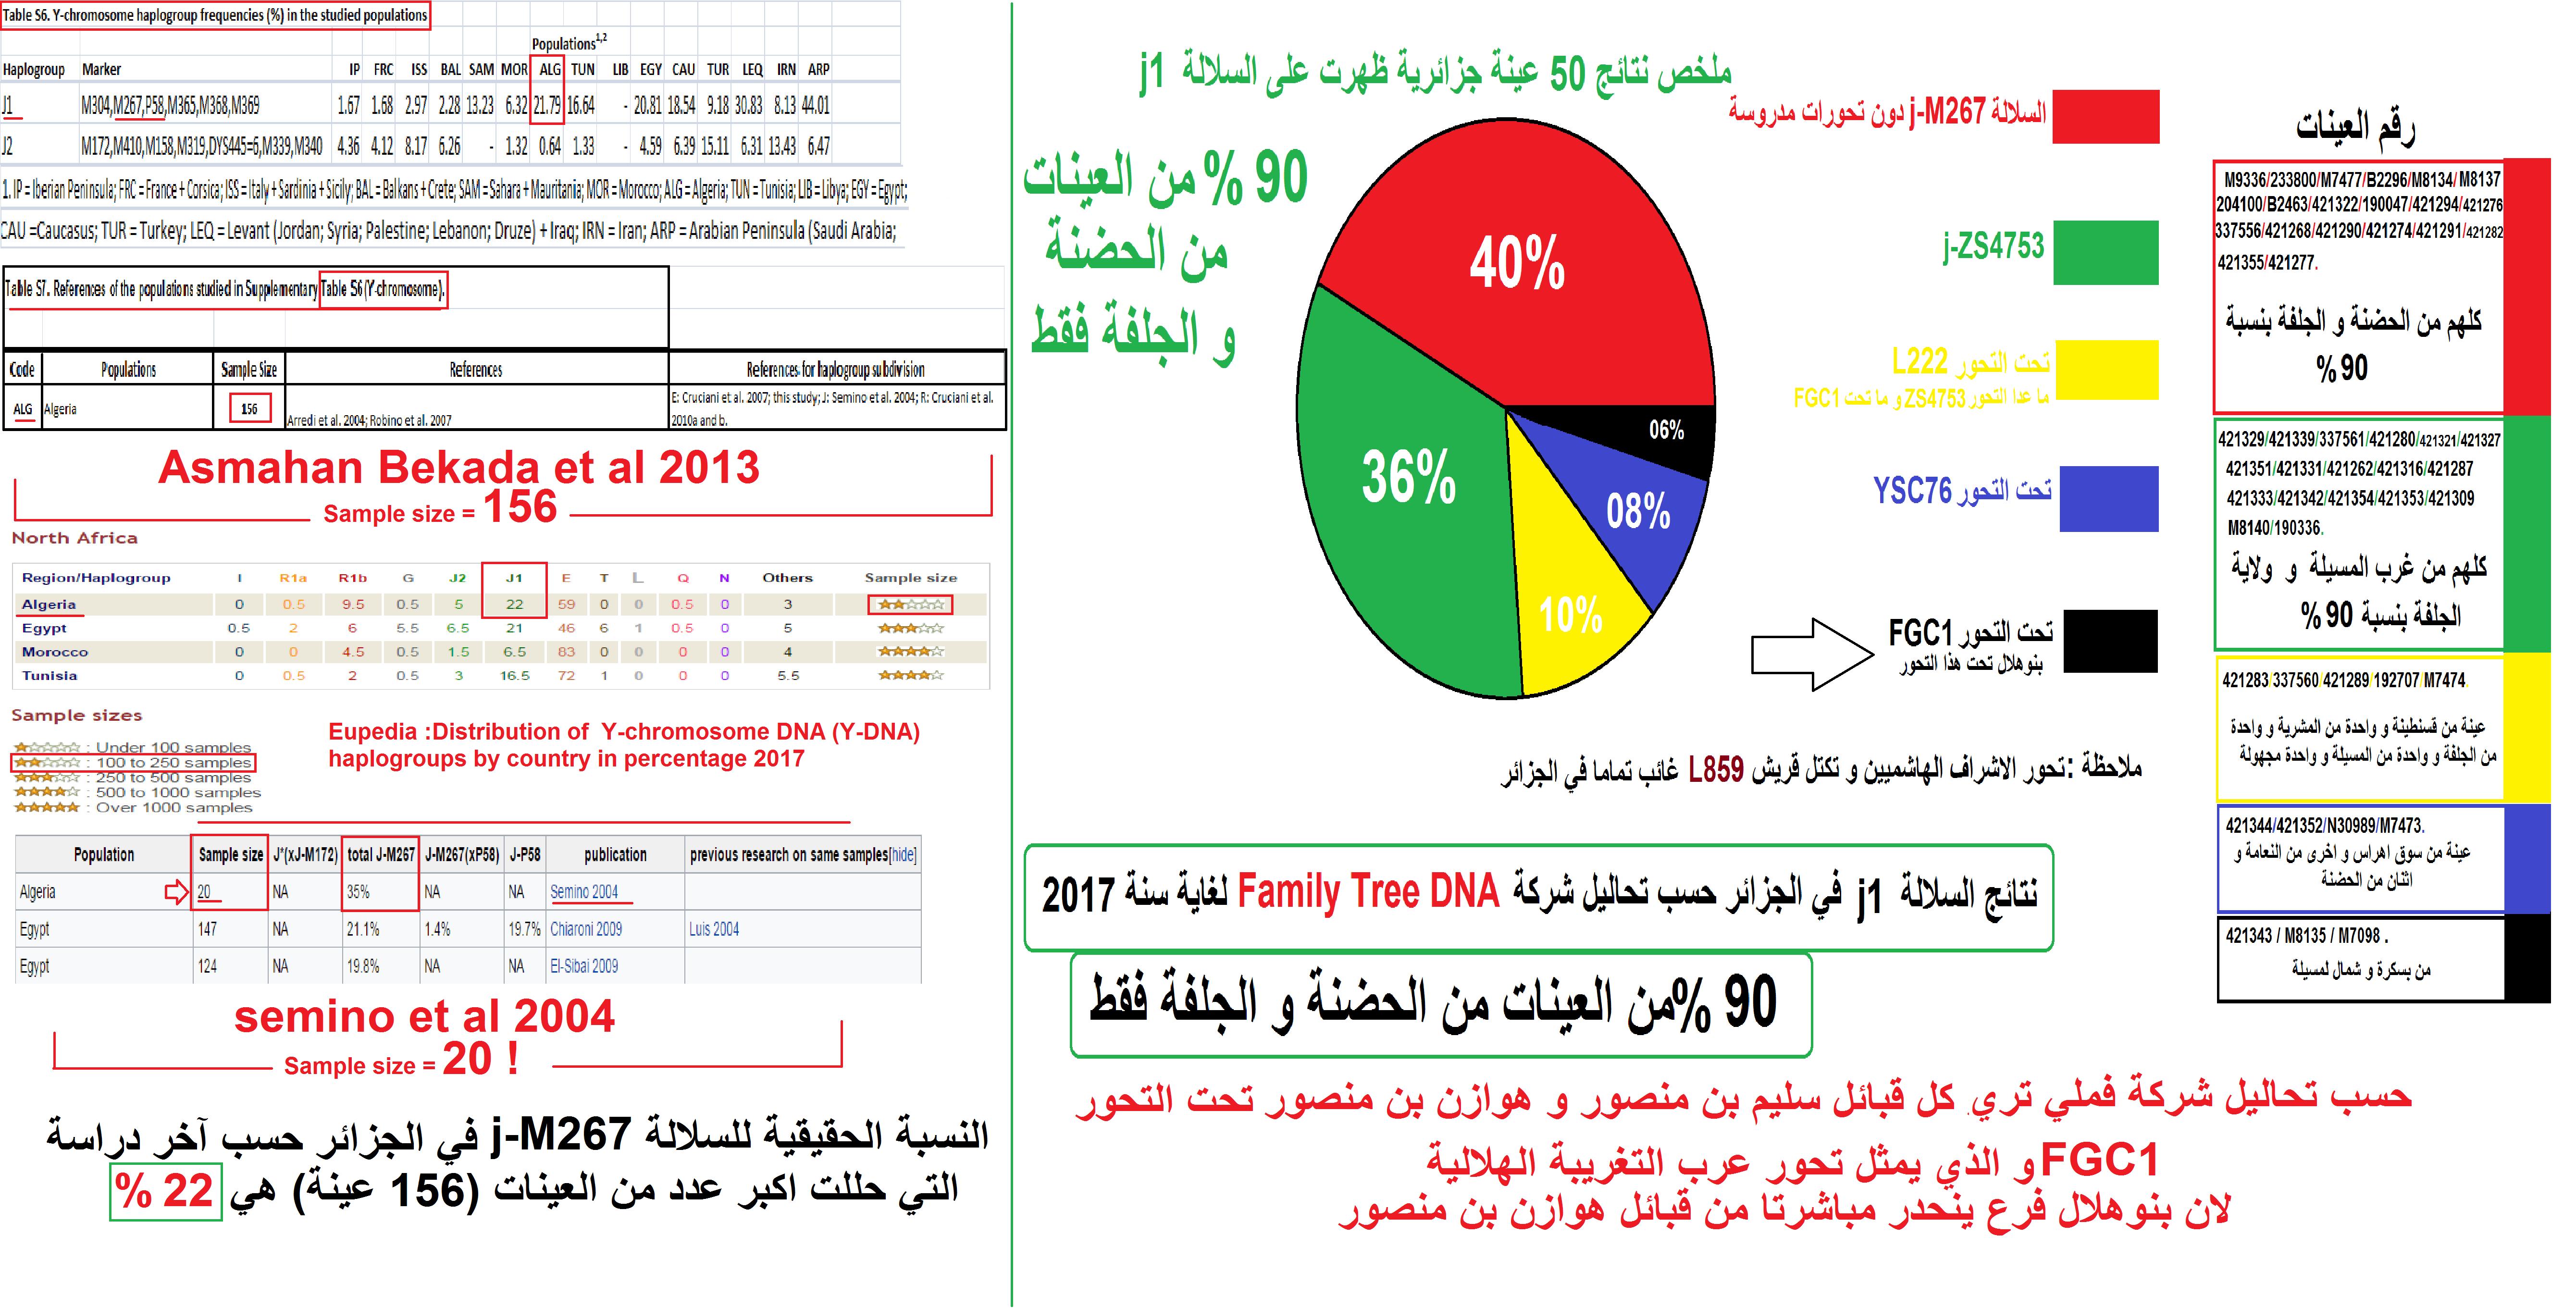 91925d3a1ee9b عدد بني هلال بشكل موثق  الأرشيف  - منتديات الجلفة لكل الجزائريين و العرب